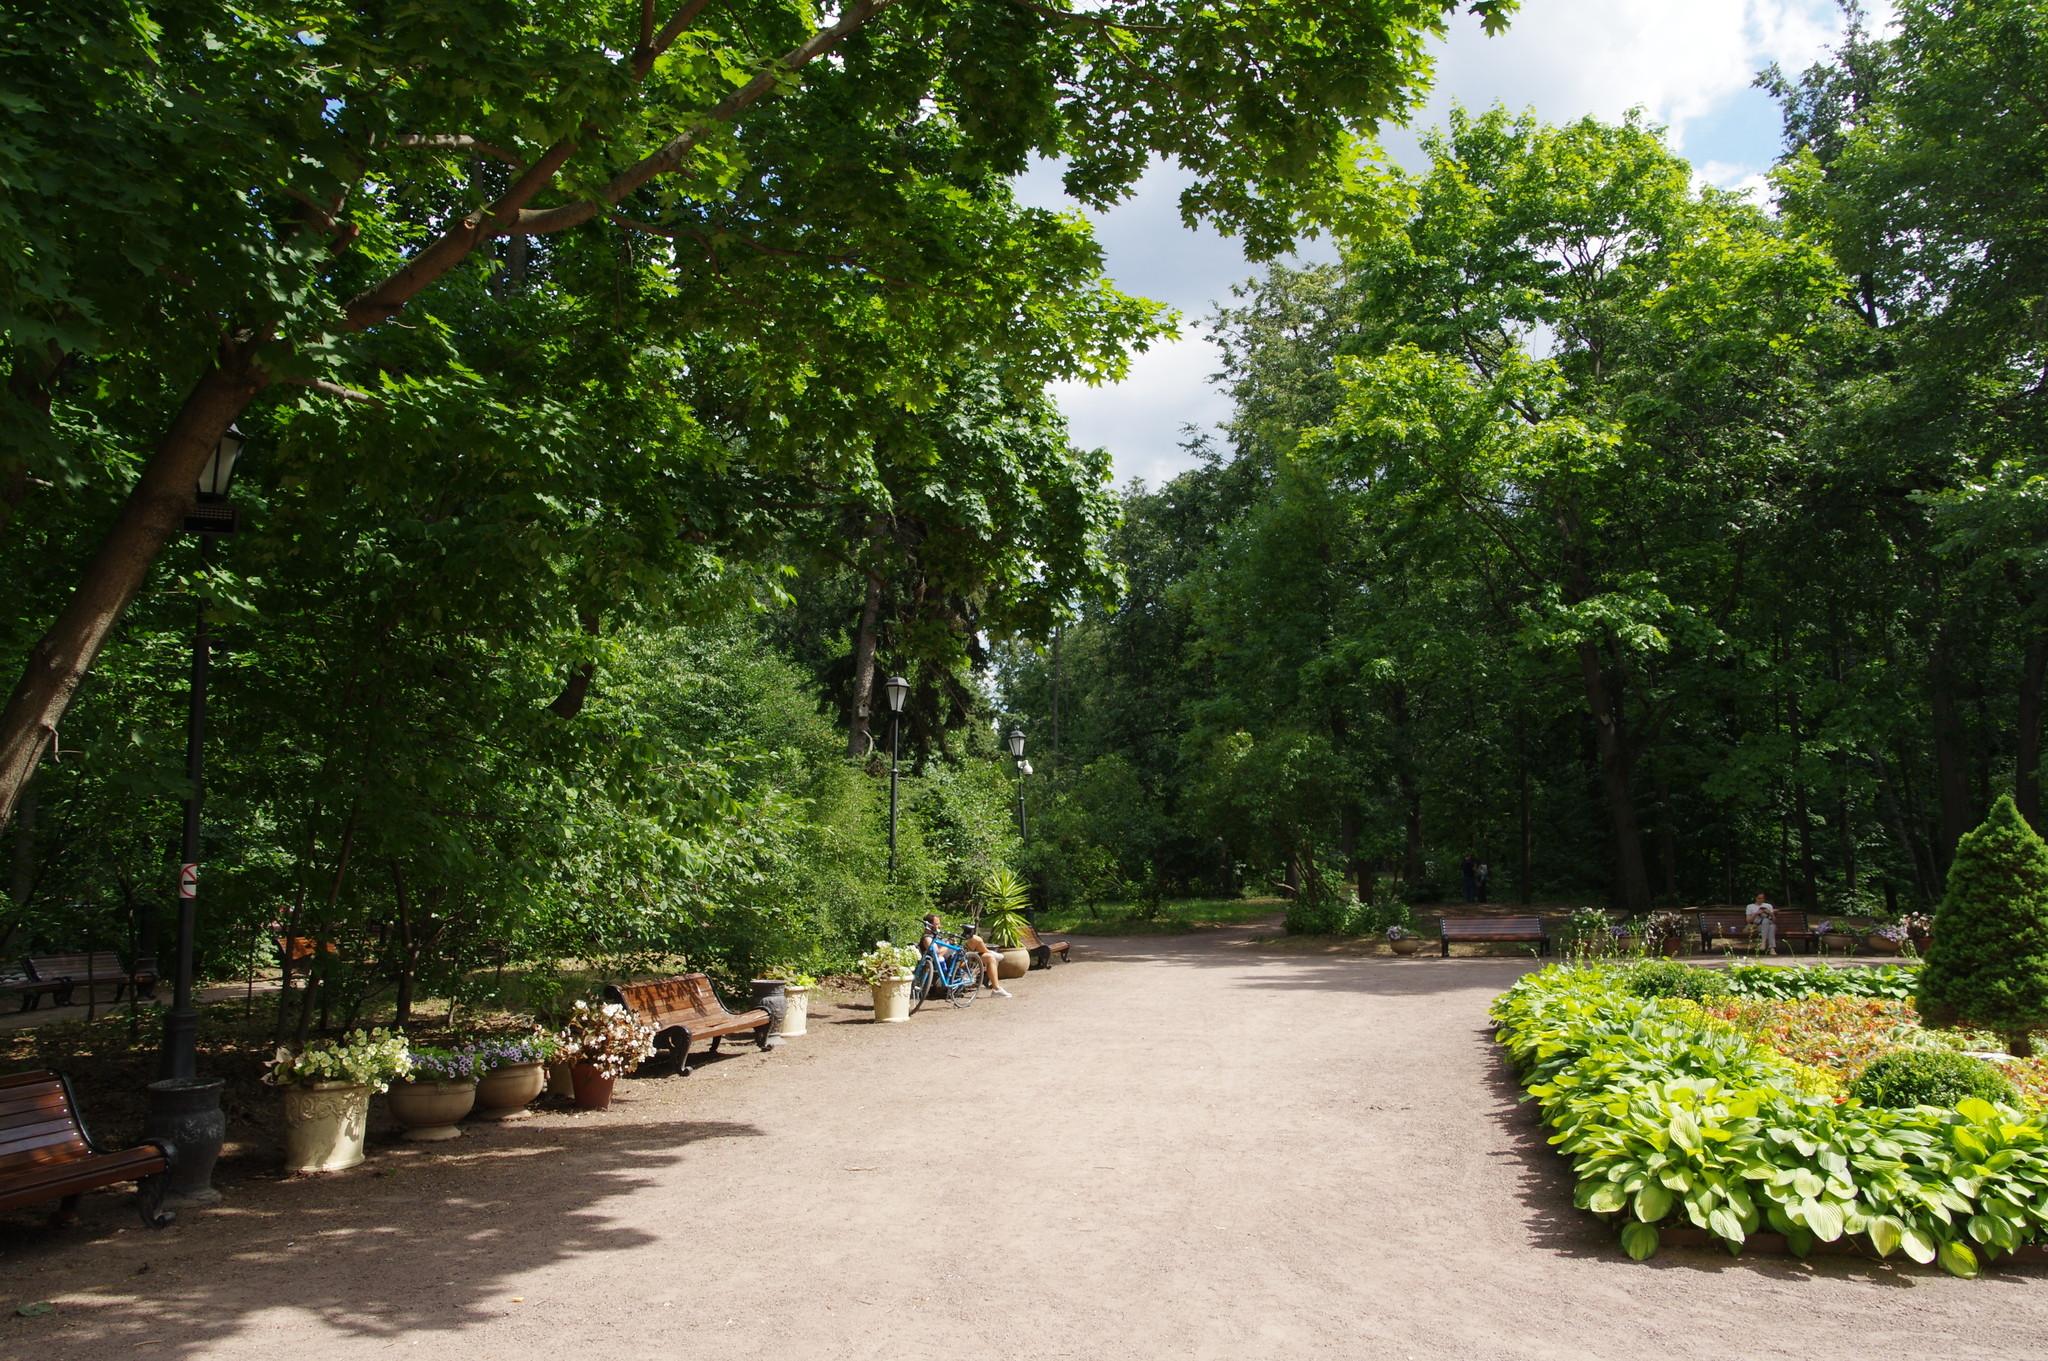 У Летнего домика графа Орлова в Нескучном саду